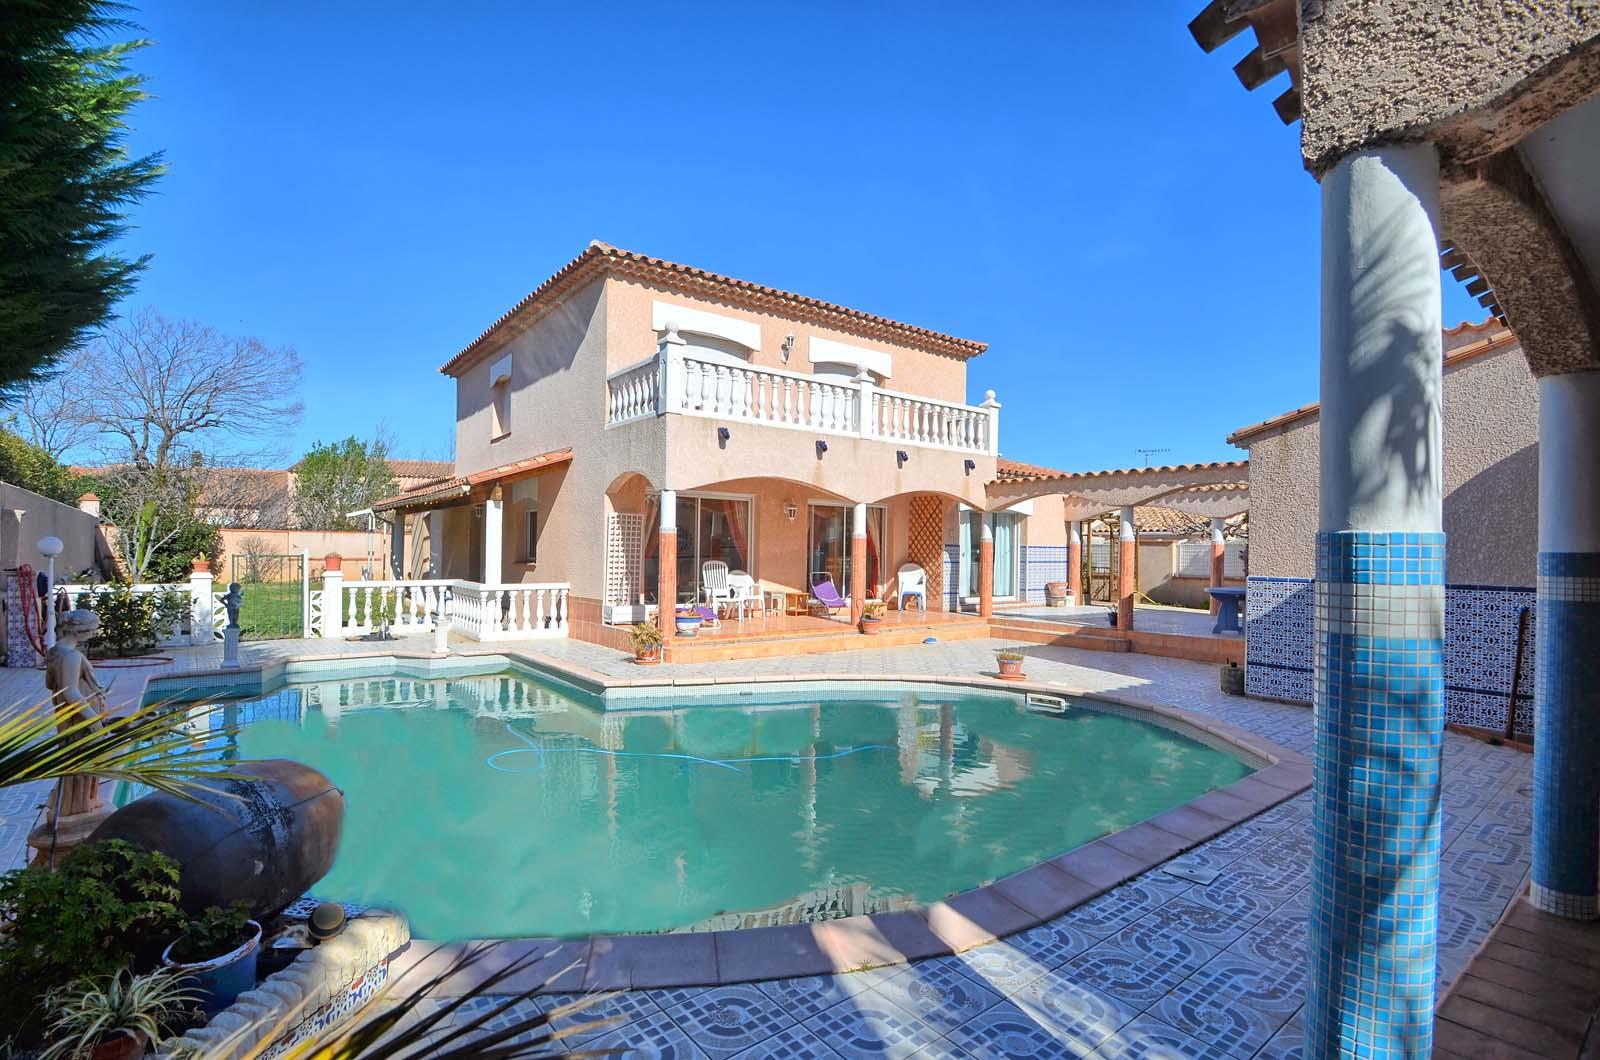 Vakantiehuis met zwembad in Languedoc-Roussillon in Perpignan (Frankrijk)